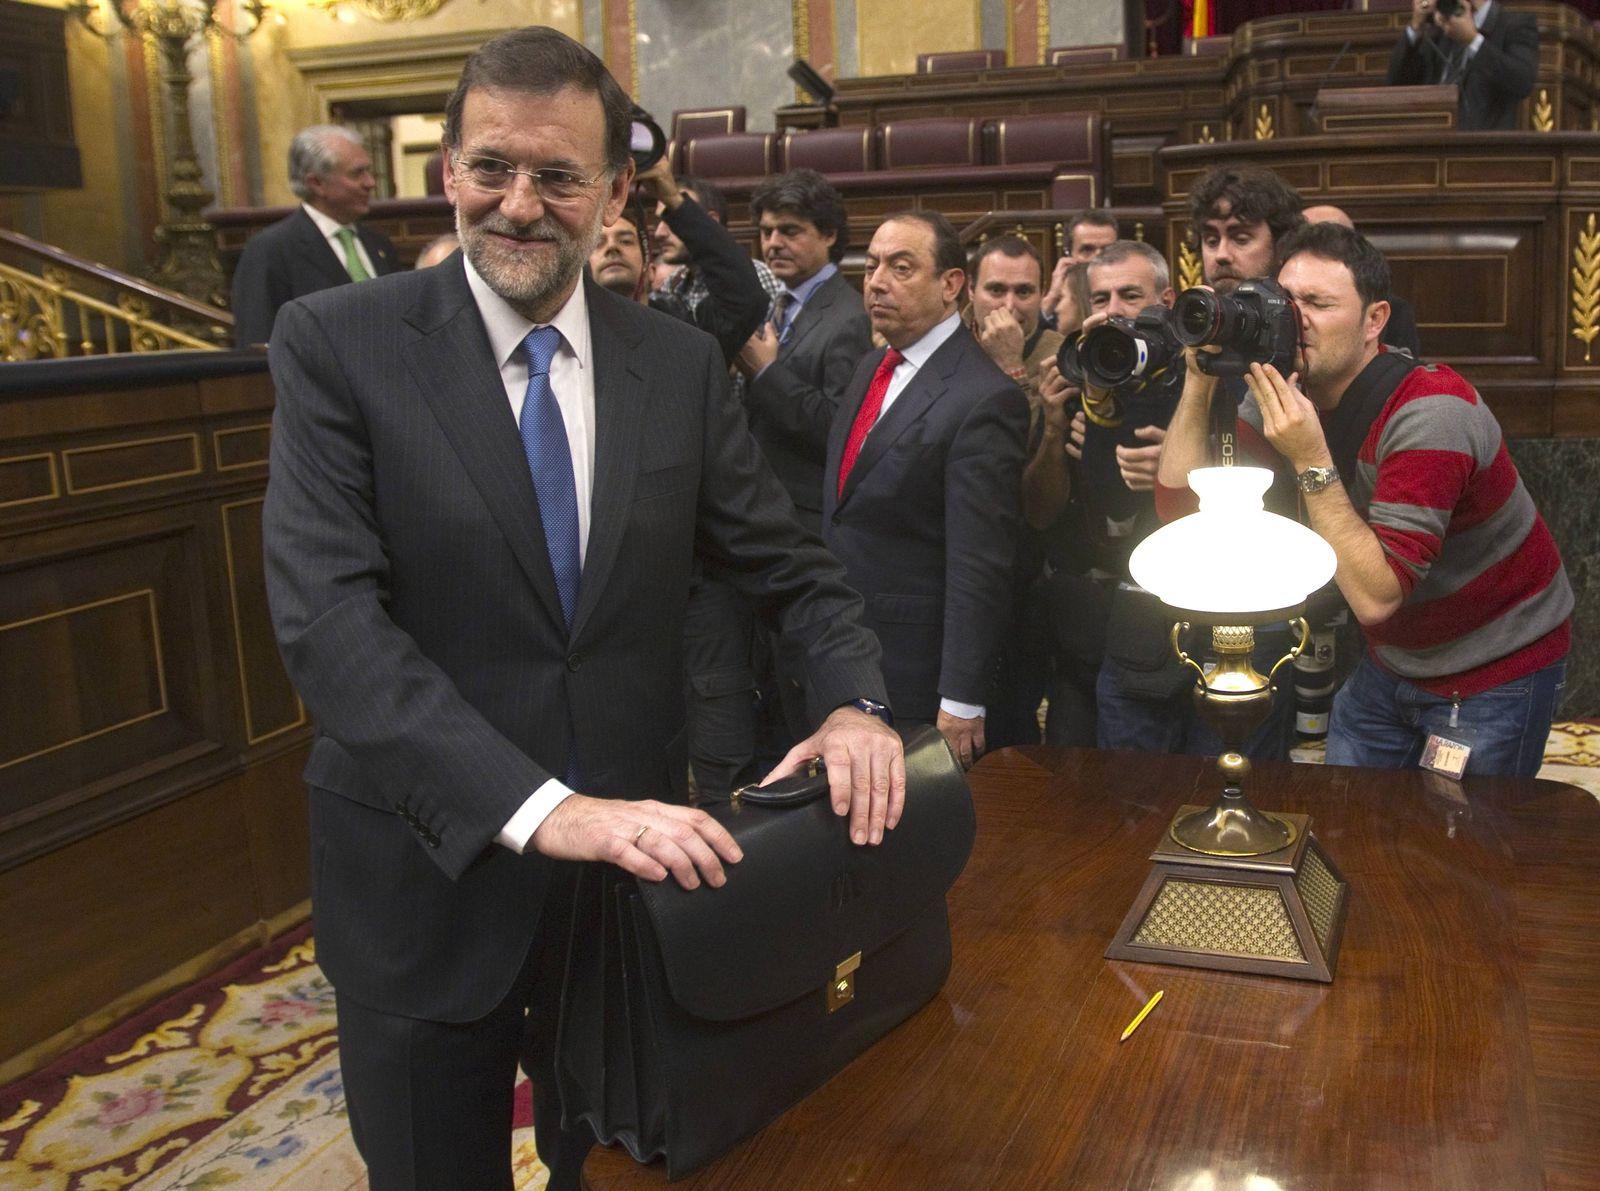 mariano Rajoy/ Spanien/ Ministerpräsident